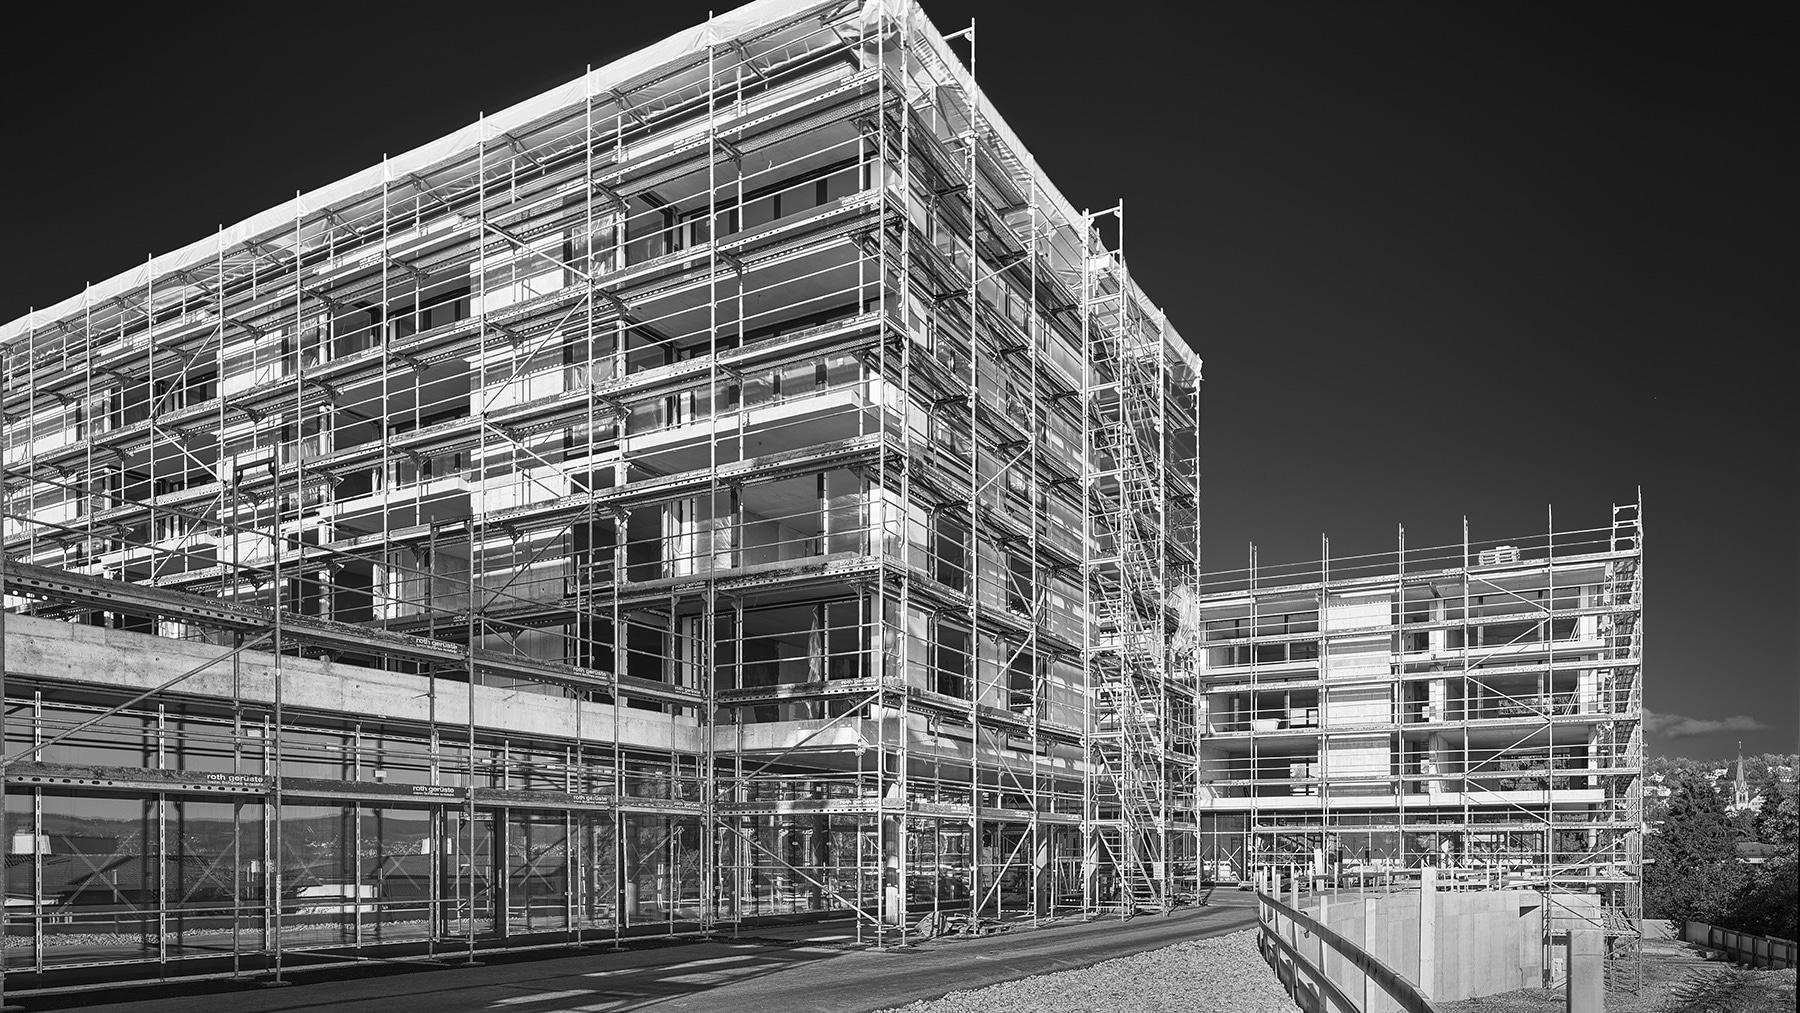 Dokumentation Bauprojekt WohnenPlus in Richterswil